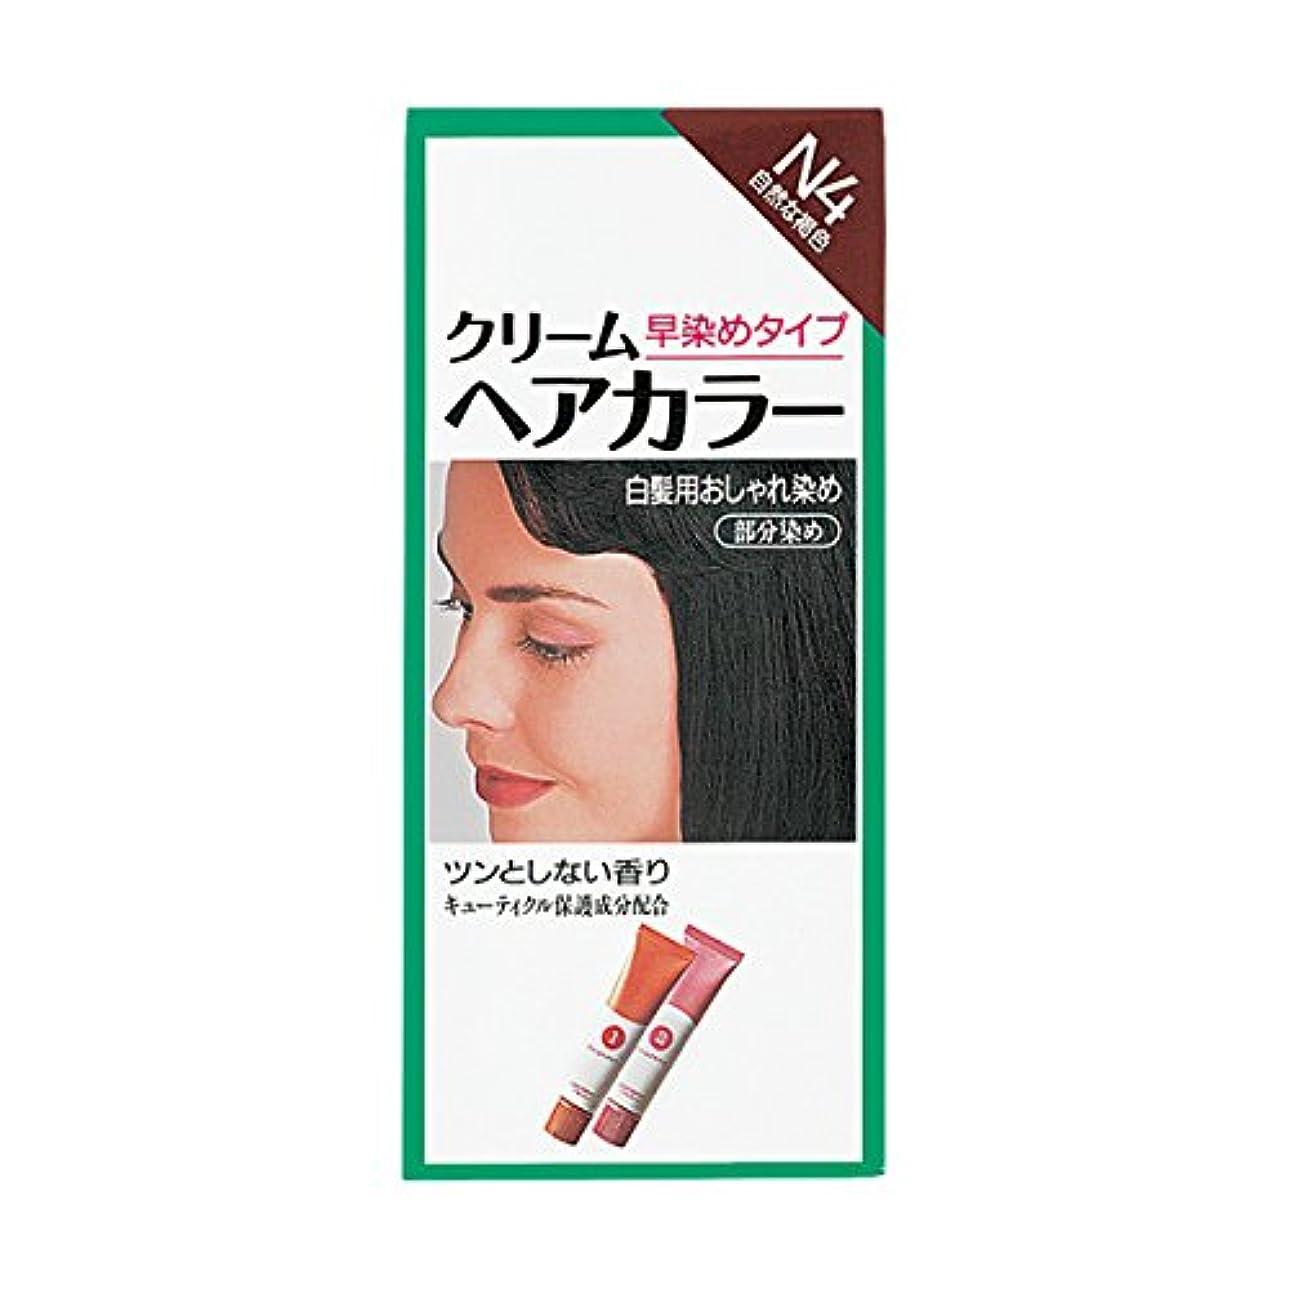 ヘアカラー クリームヘアカラーN N4 【医薬部外品】